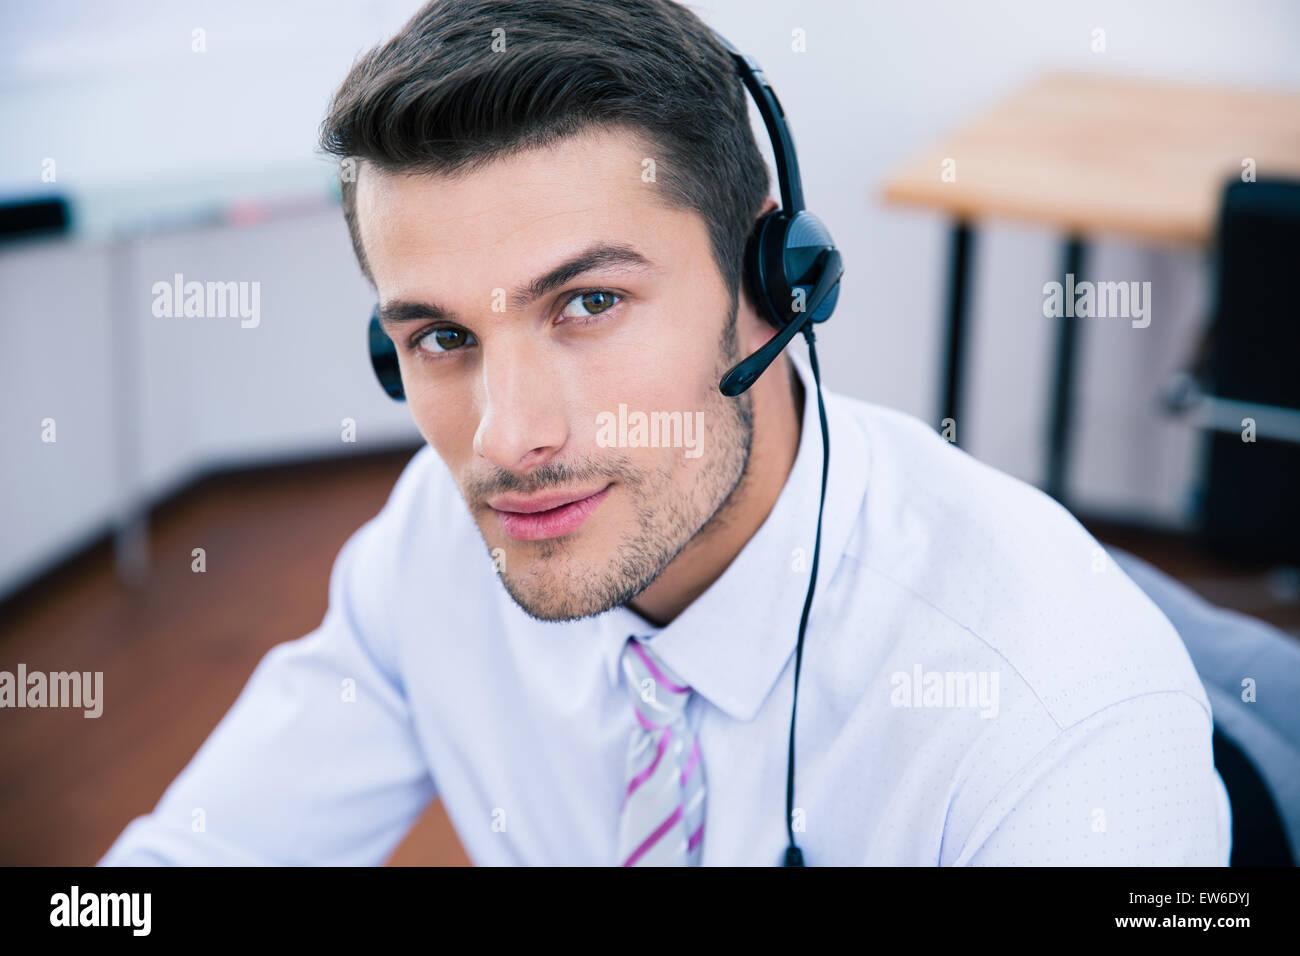 Ritratto di un bel operatore maschio con cuffia guardando la fotocamera in ufficio Immagini Stock